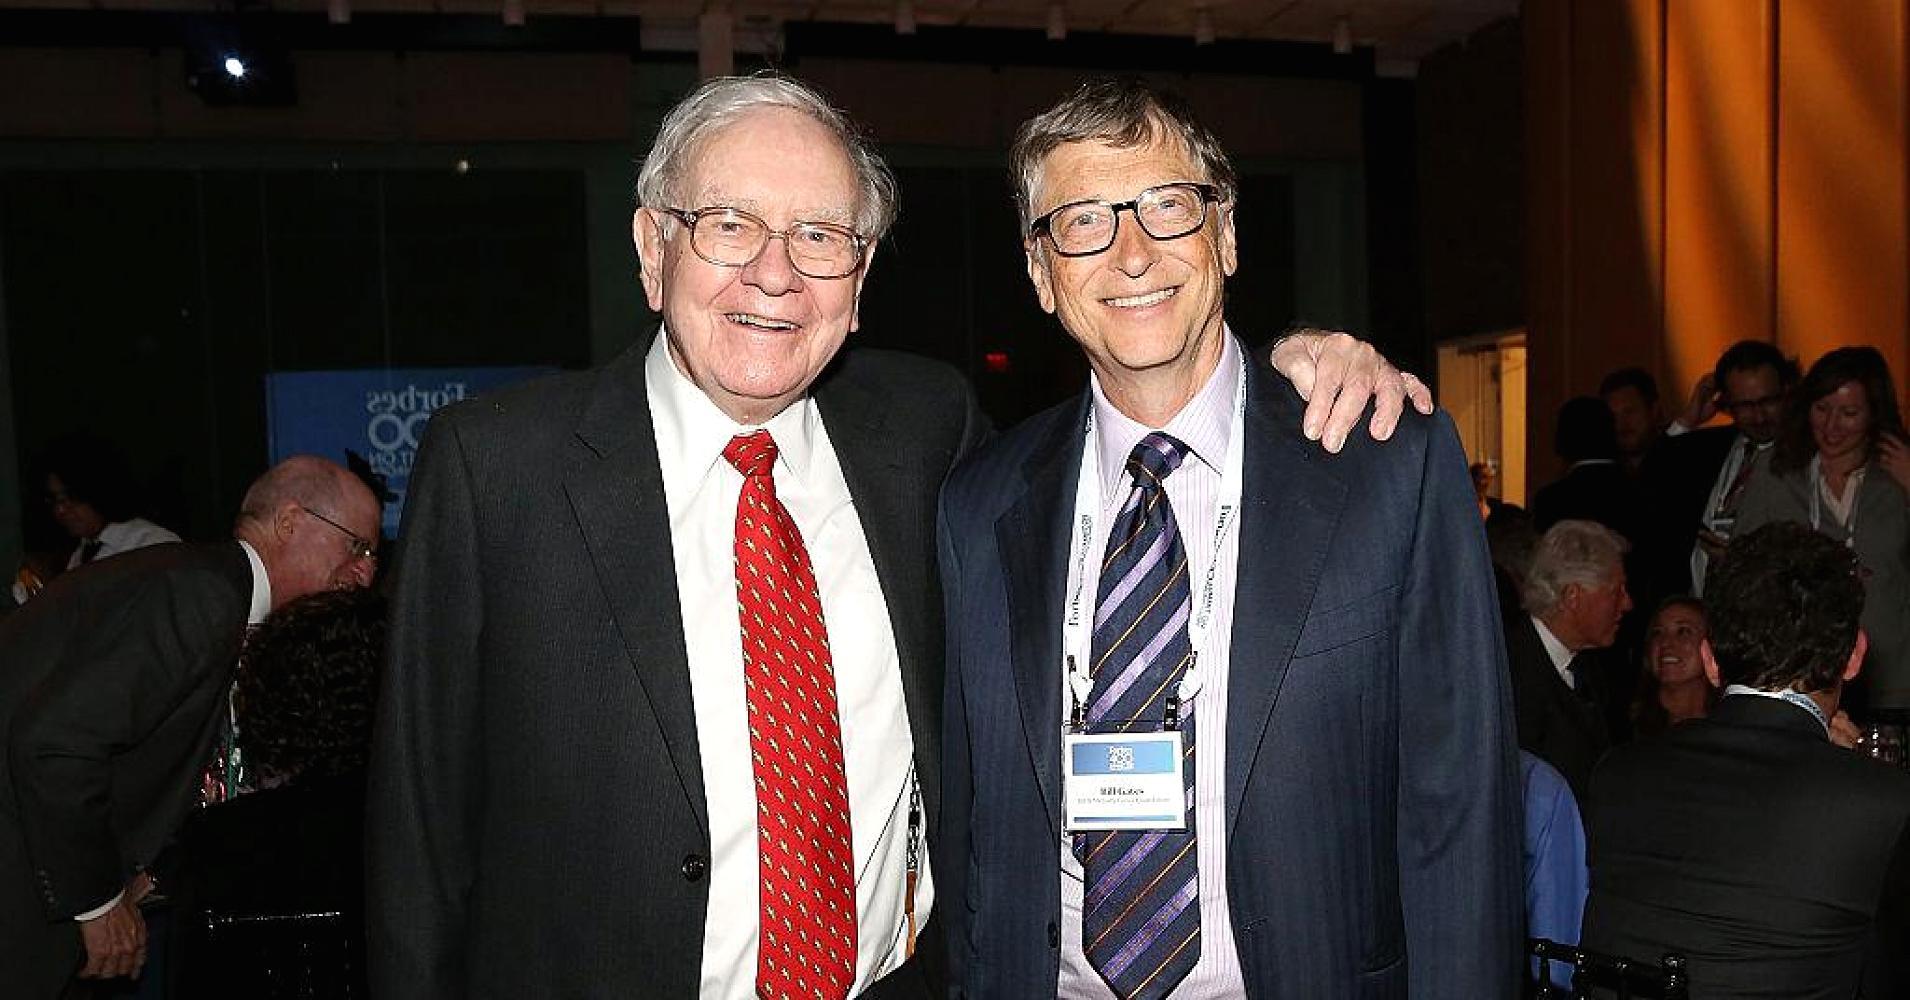 3 người đàn ông giàu nhất nhì thế giới nghĩ gì về thành công? - 1